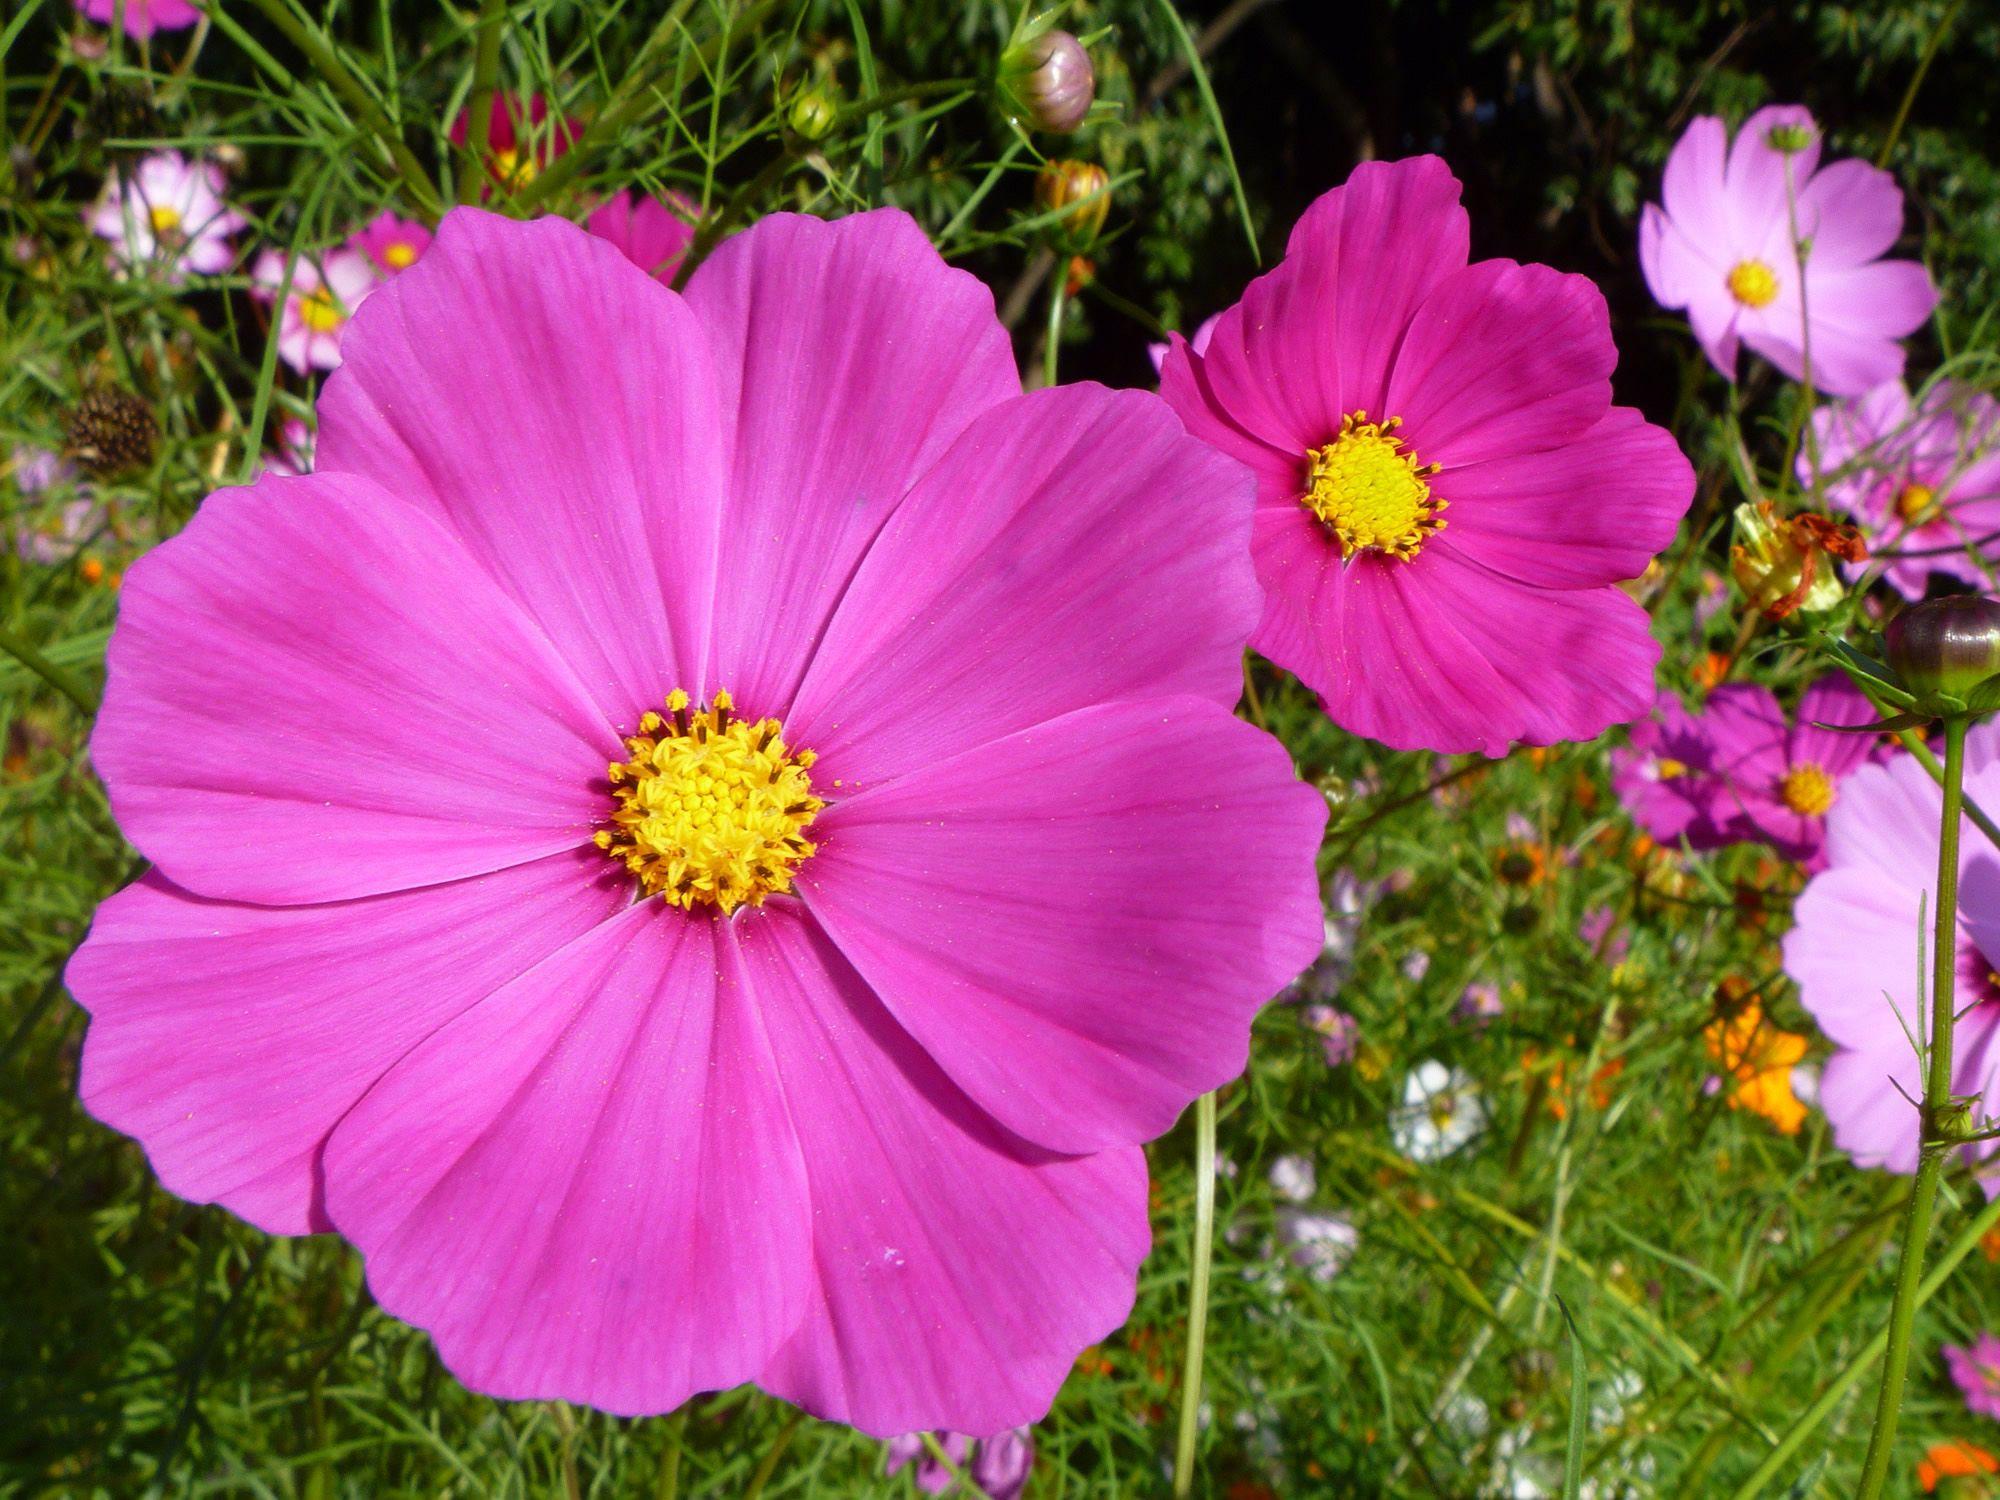 Космея, или Космос цветок: фото, выращивание и уход 88